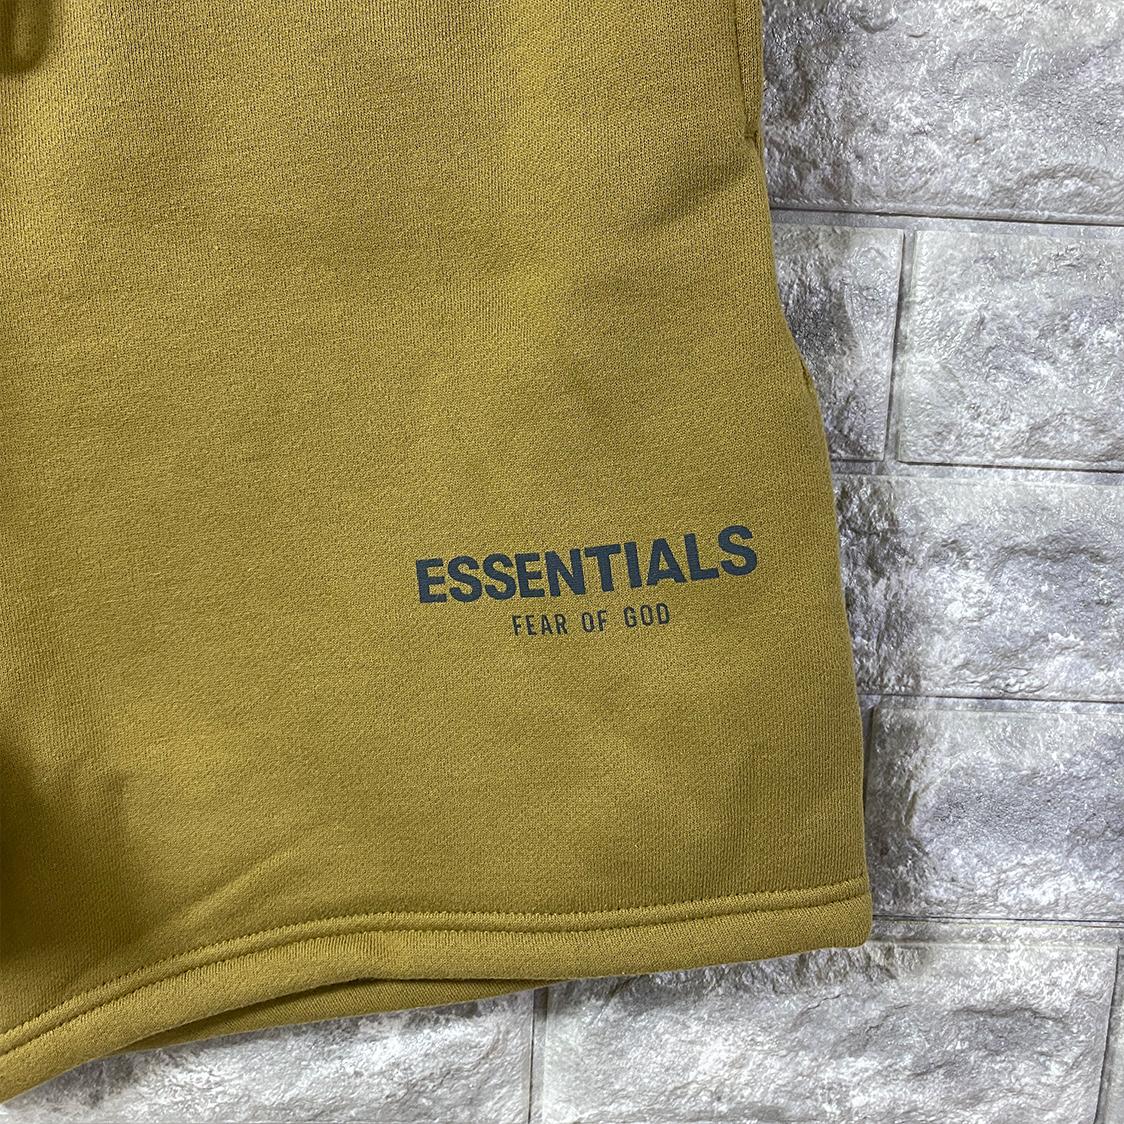 2021新作 新品 Fear Of God Essentials フェアオブゴッド エッセンシャルズ【Sサイズ】 ロゴ スウェット ショーツ ハーフパンツ AMBER アンバー FOG